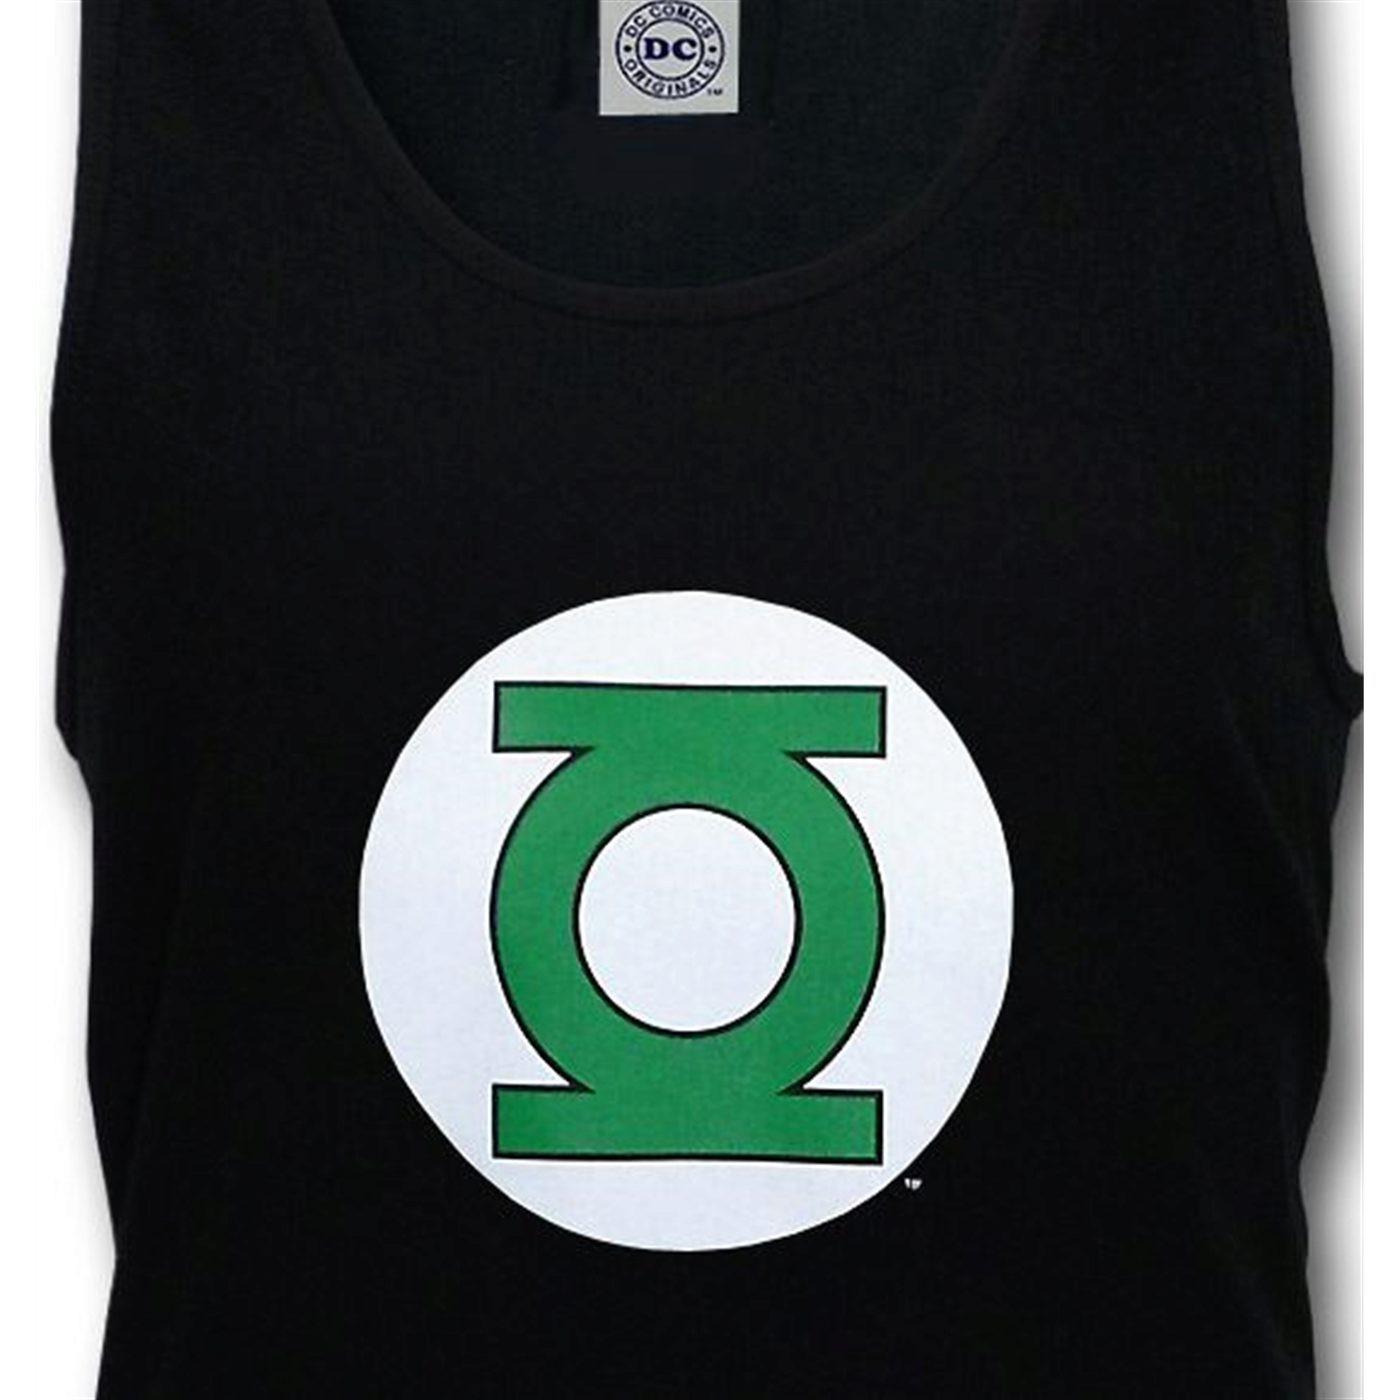 Green Lantern Symbol Black Tank Top